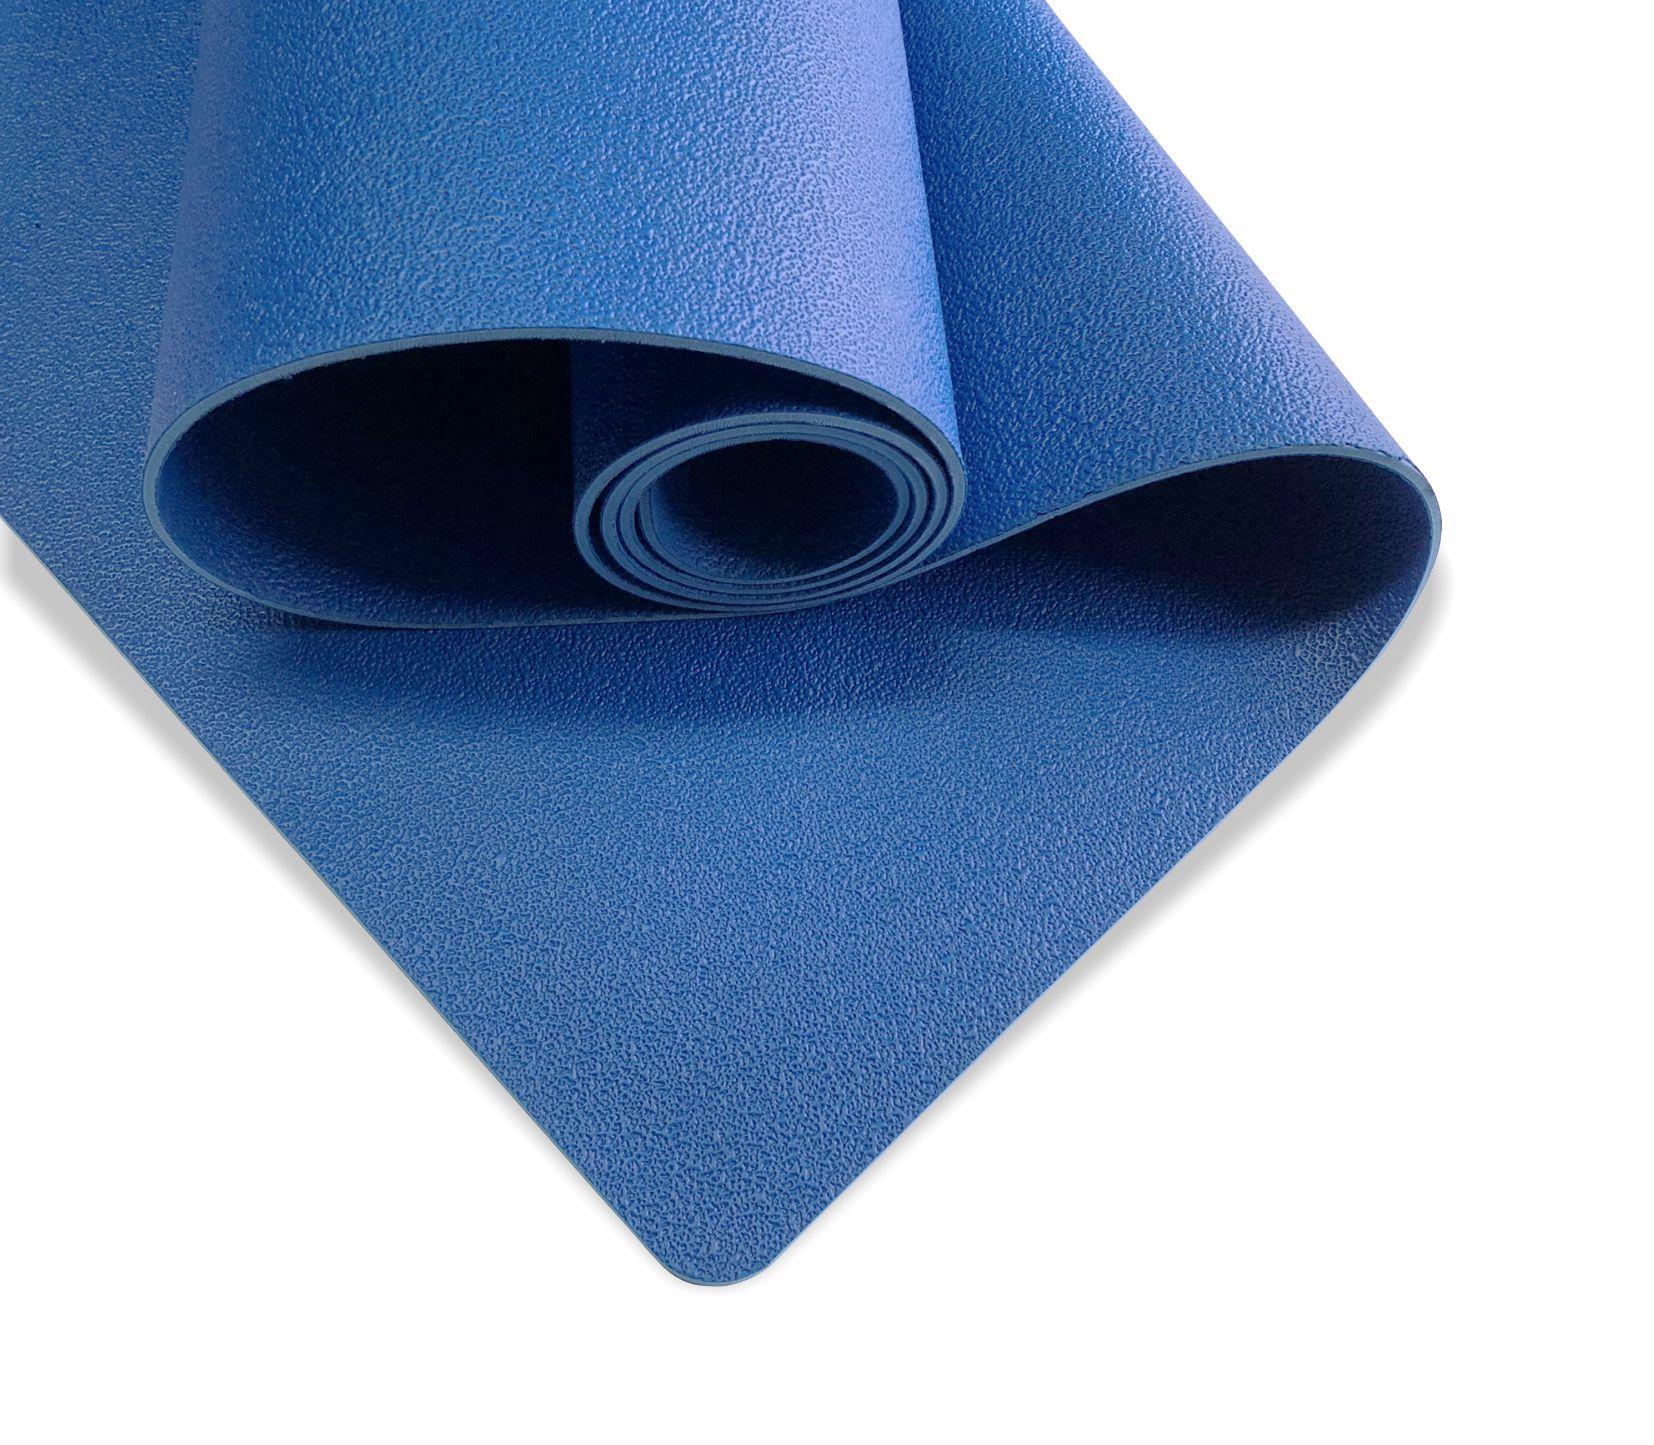 Коврик для йоги Revolution PRO 4мм (1.7 кг, 185 см, 4 мм, синий, 60см) коврик для йоги samurai marbled 4мм из каучука 2 3 кг 185 см 4 мм фиолетовый 60см